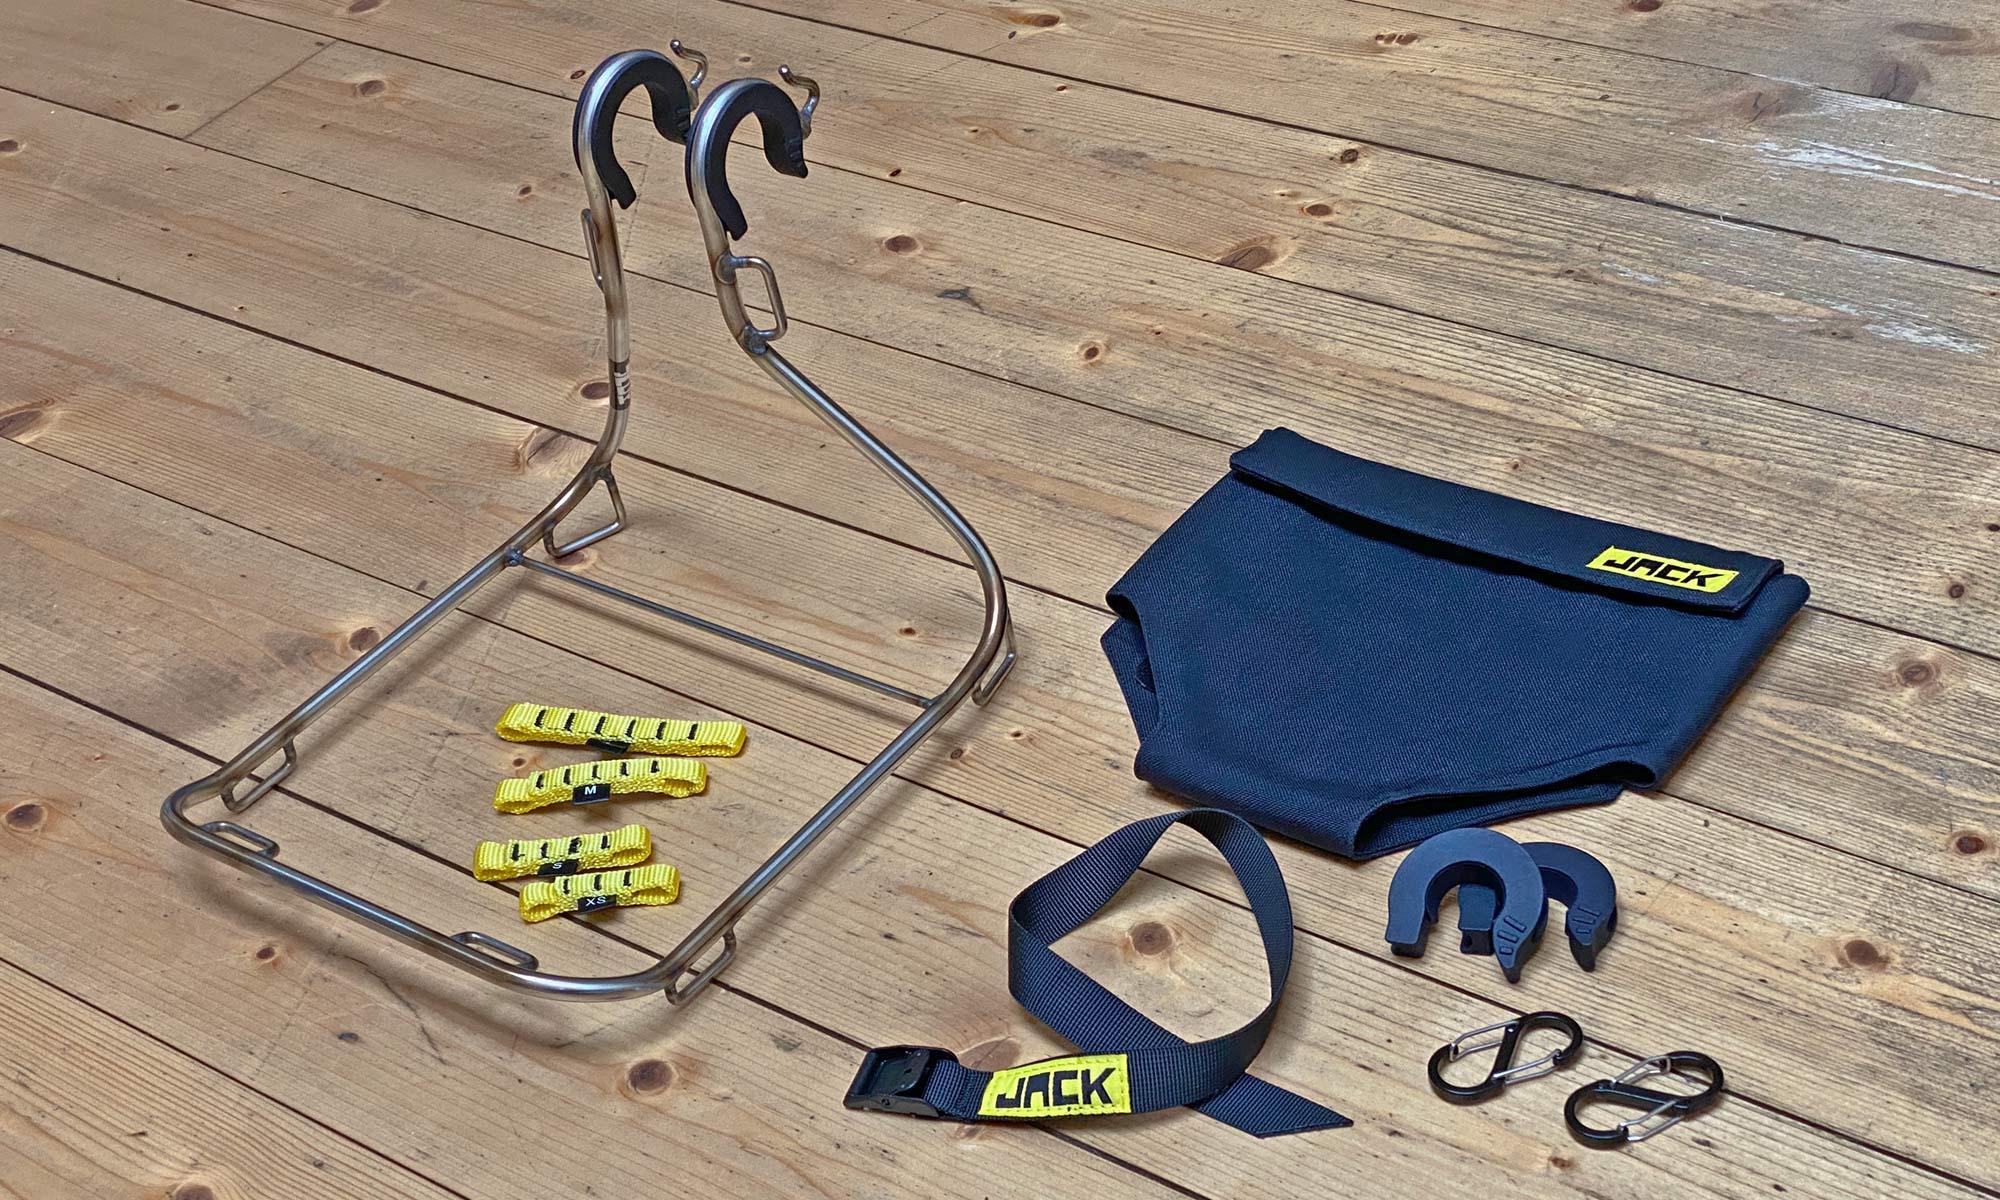 Jack The Bike Rack evrensel uyumlu aletsiz çelik boru kayışlı ön raf, seçenekler